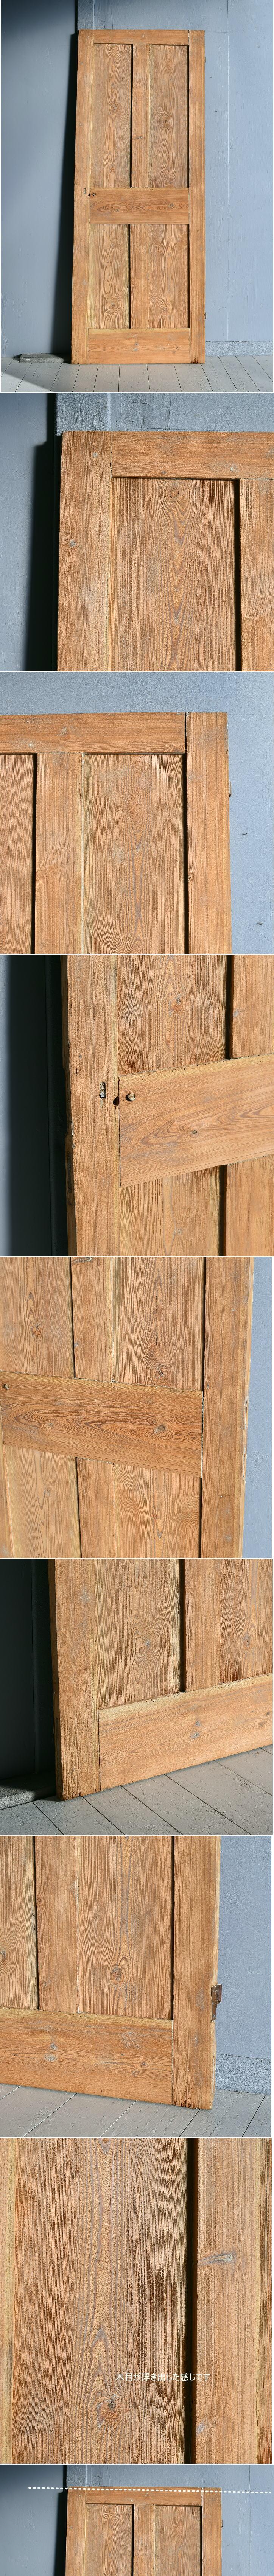 イギリス アンティーク オールドパイン ドア 扉 建具 7703